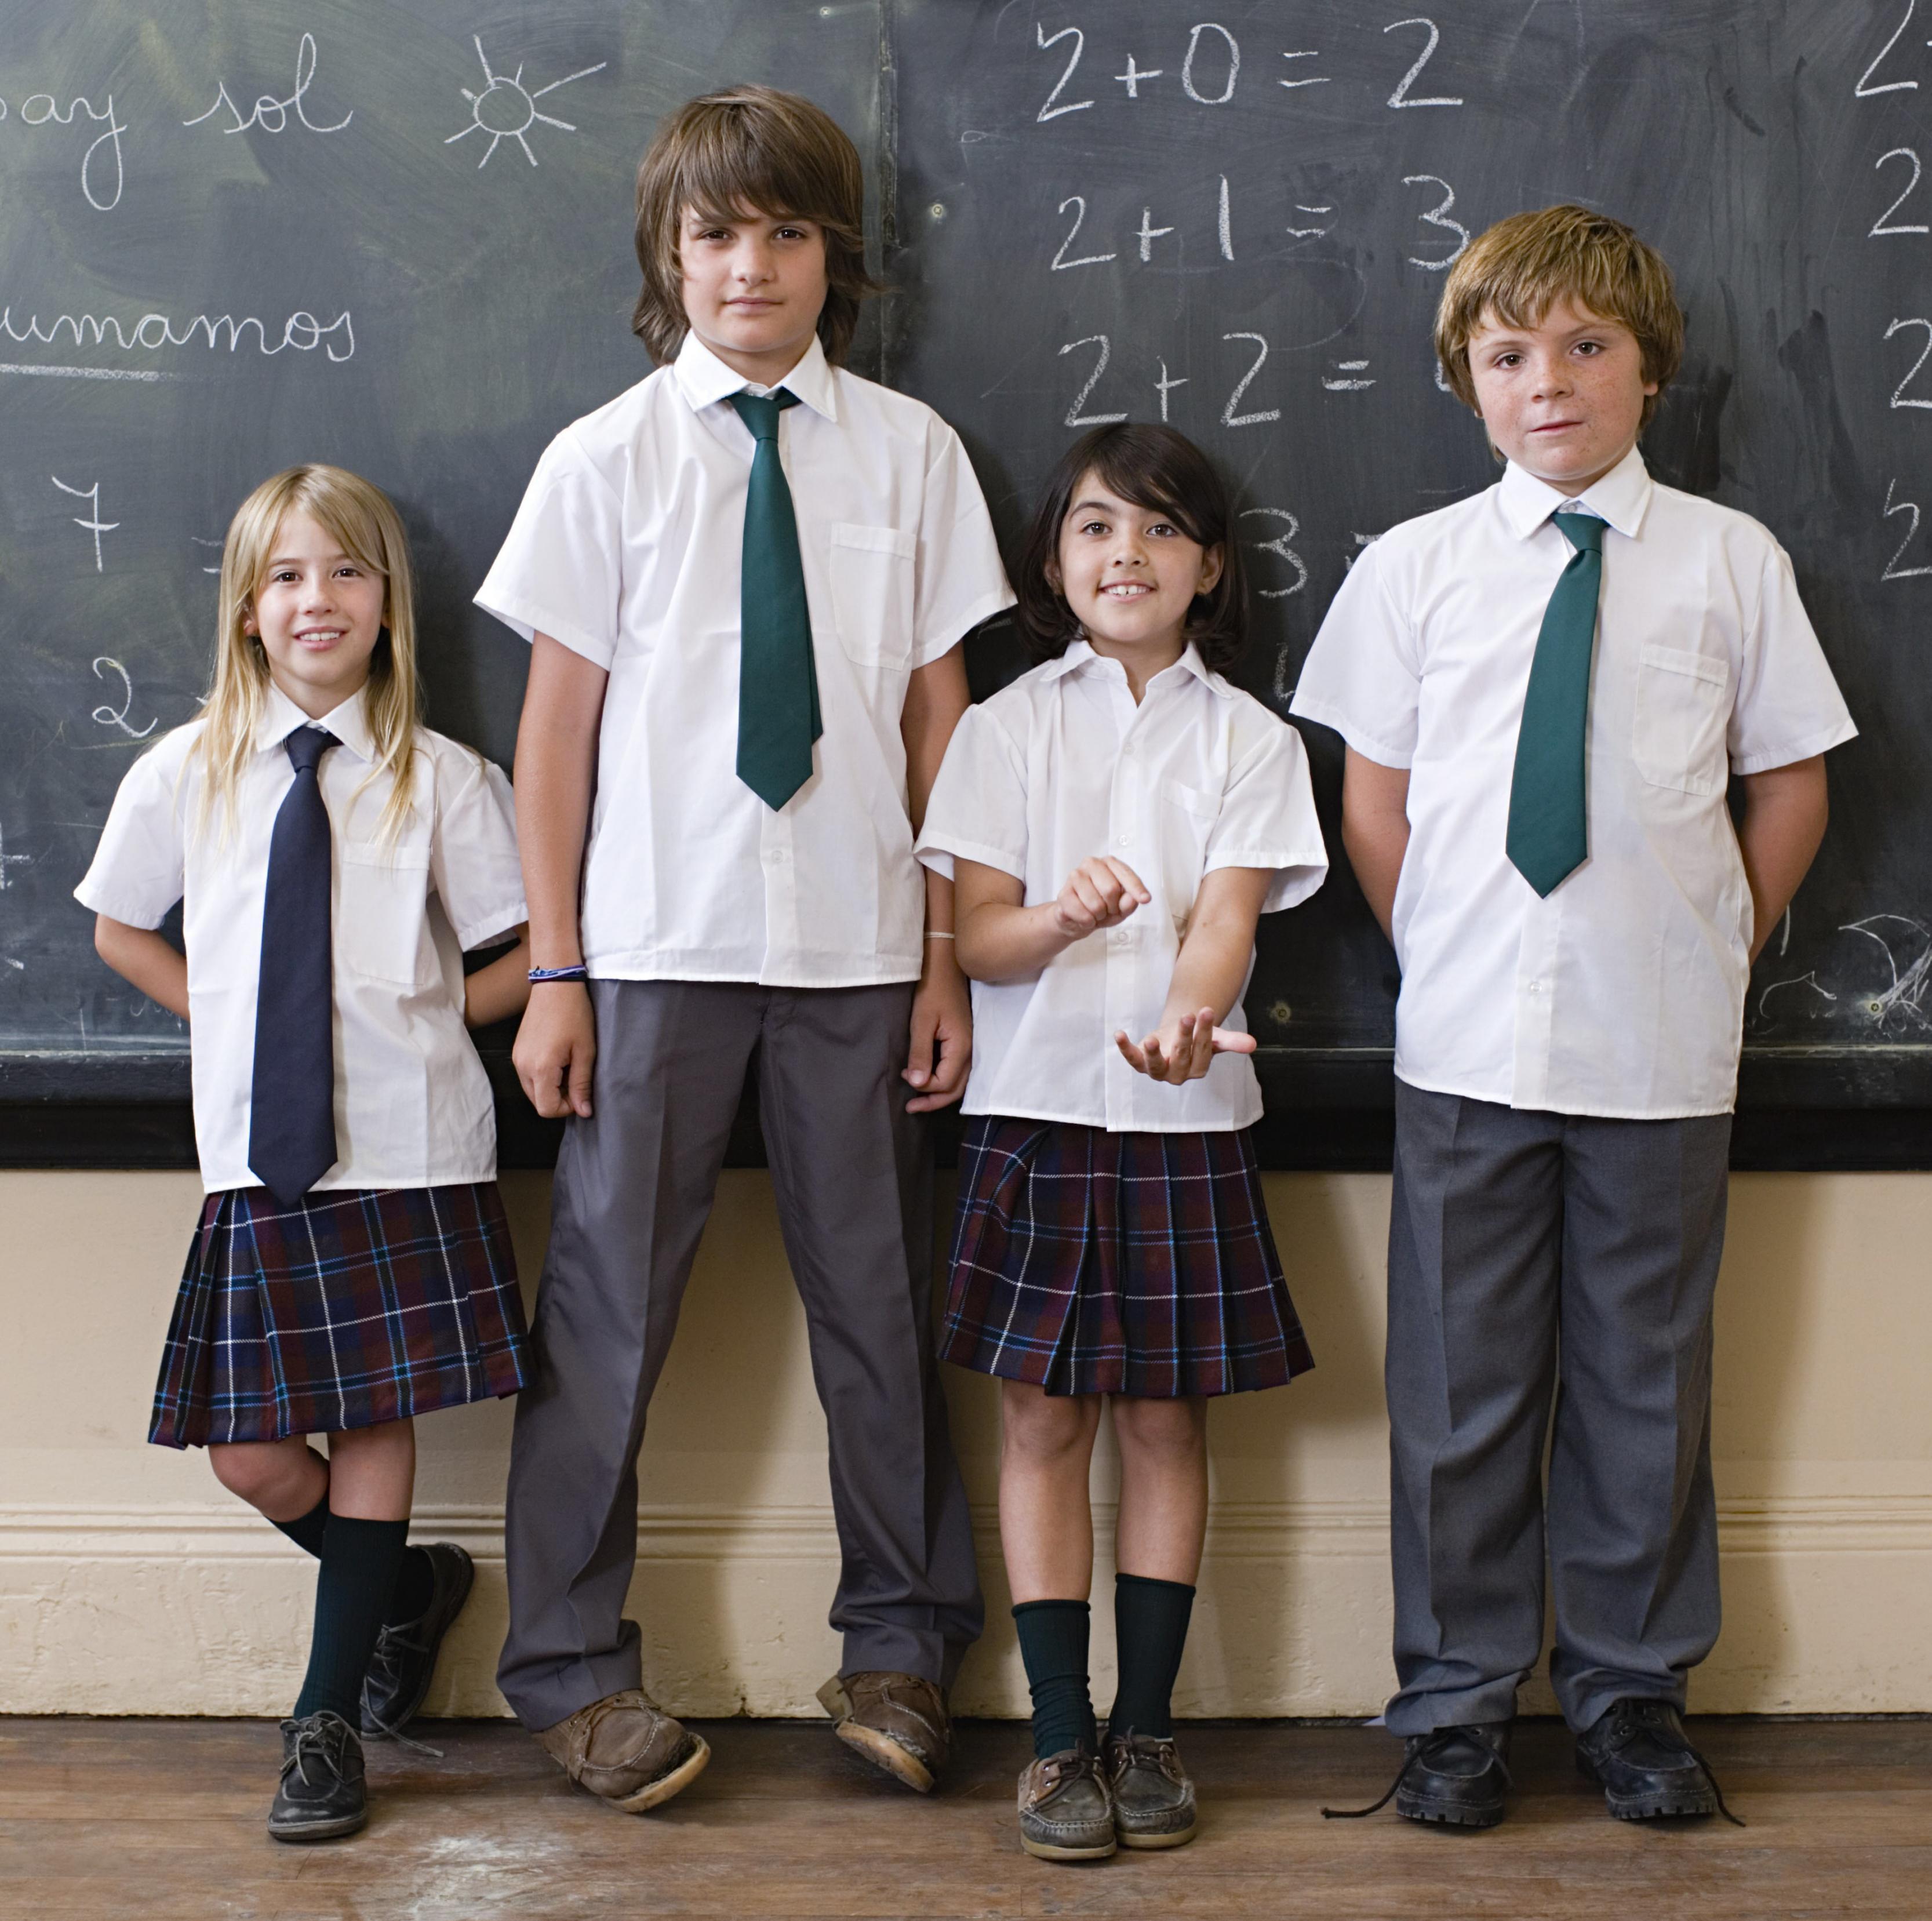 بالصور بنات المدرسه , صور جميلة لبنات في مرحلة الدراسة 3356 2